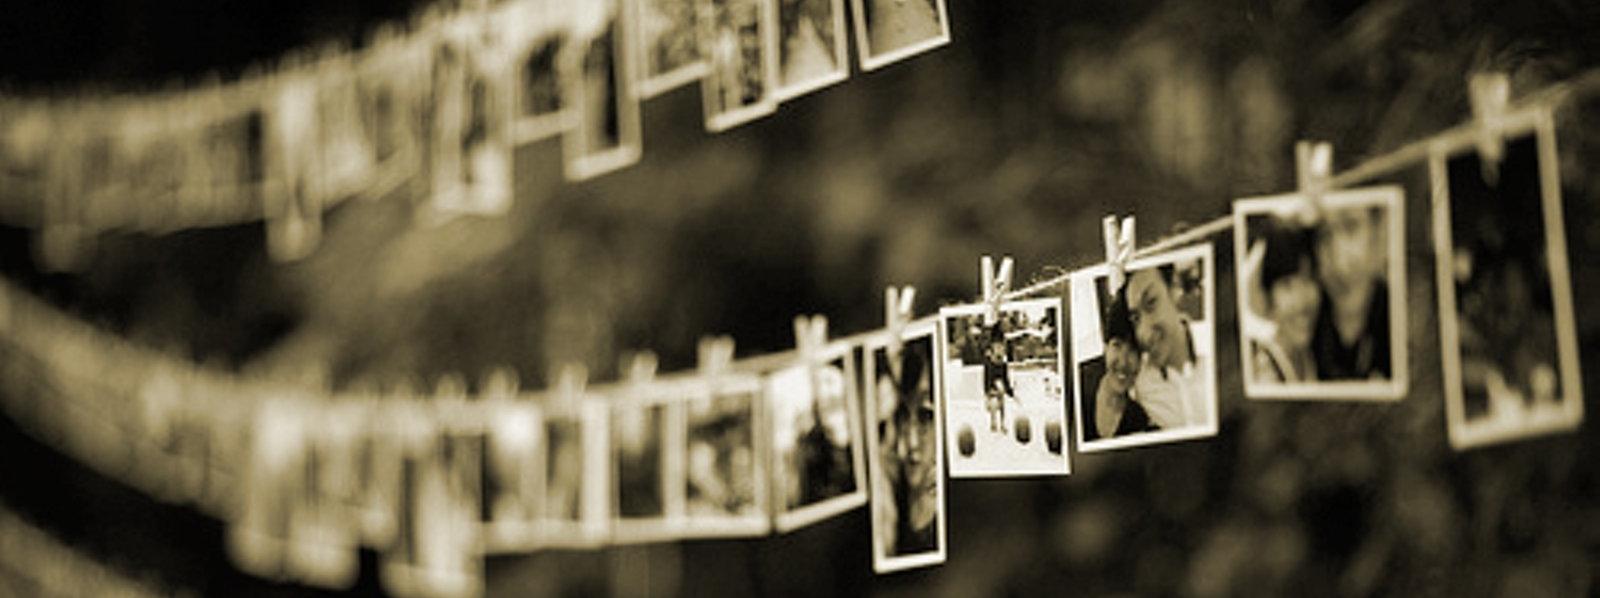 Foto-vintage-appese.jpg